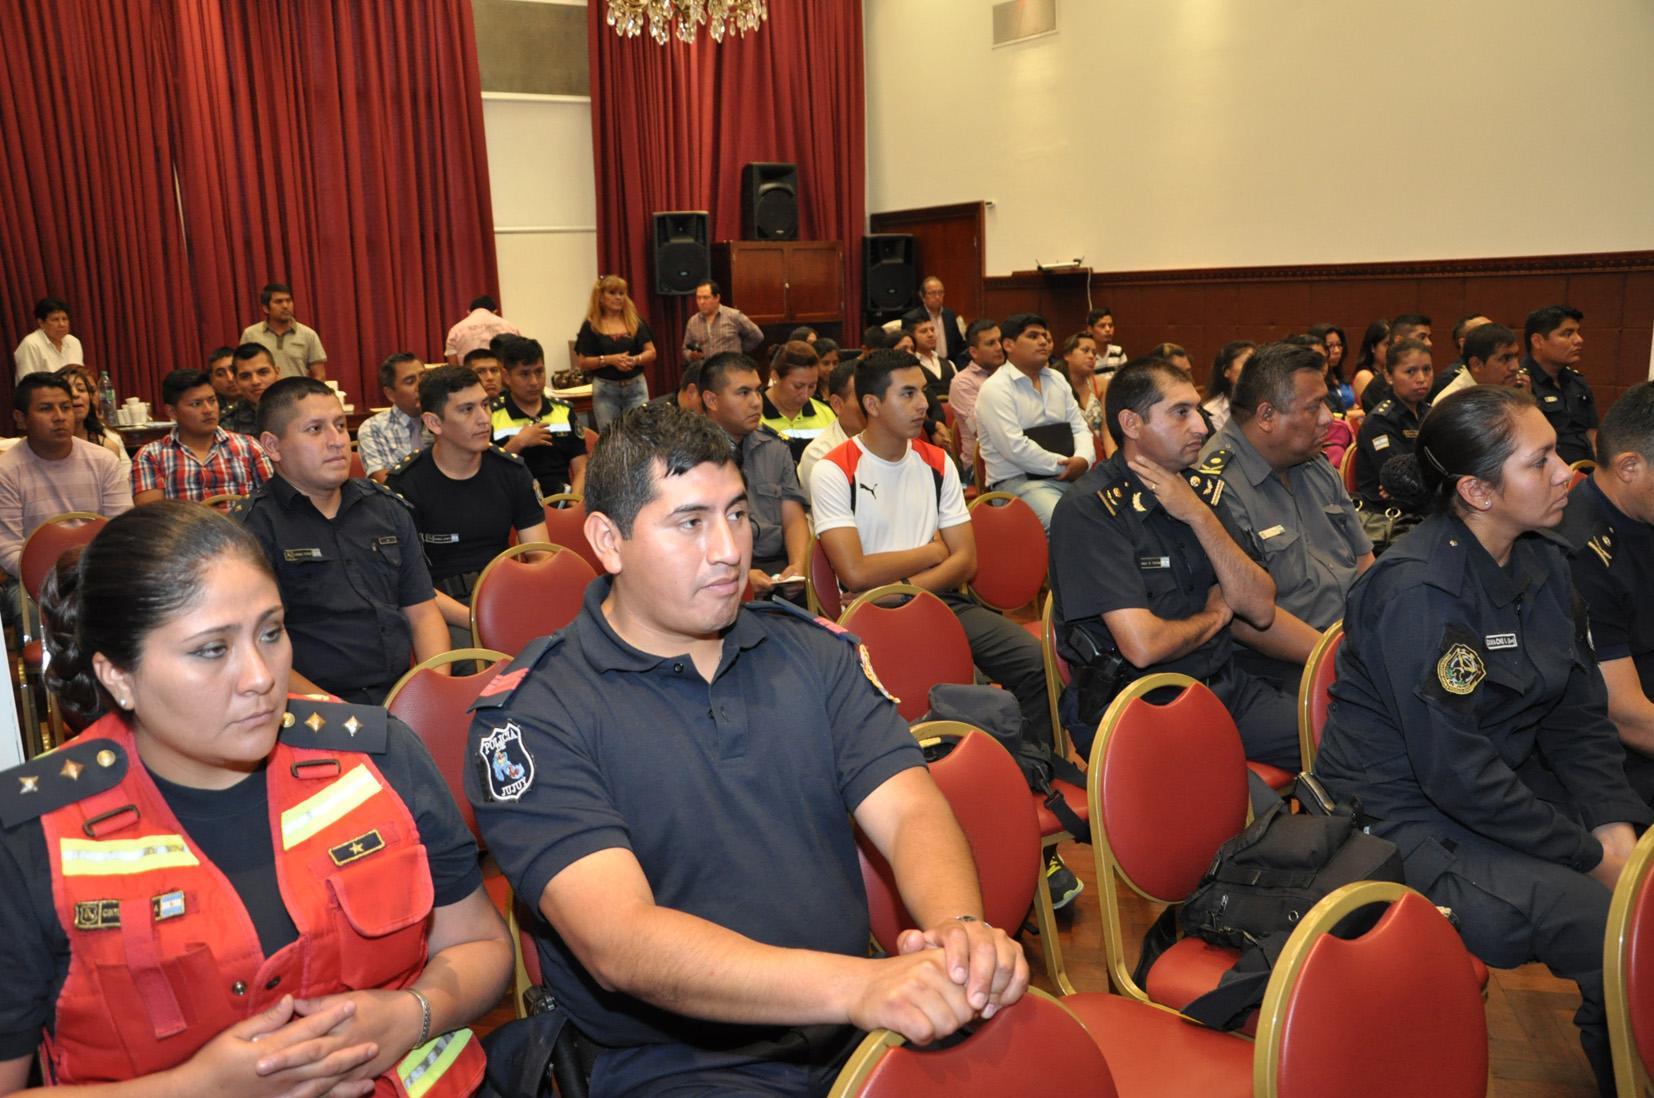 La Secretaria de Derechos Humanos culminó talleres de capacitación para la fuerza de seguridad de Jujuy